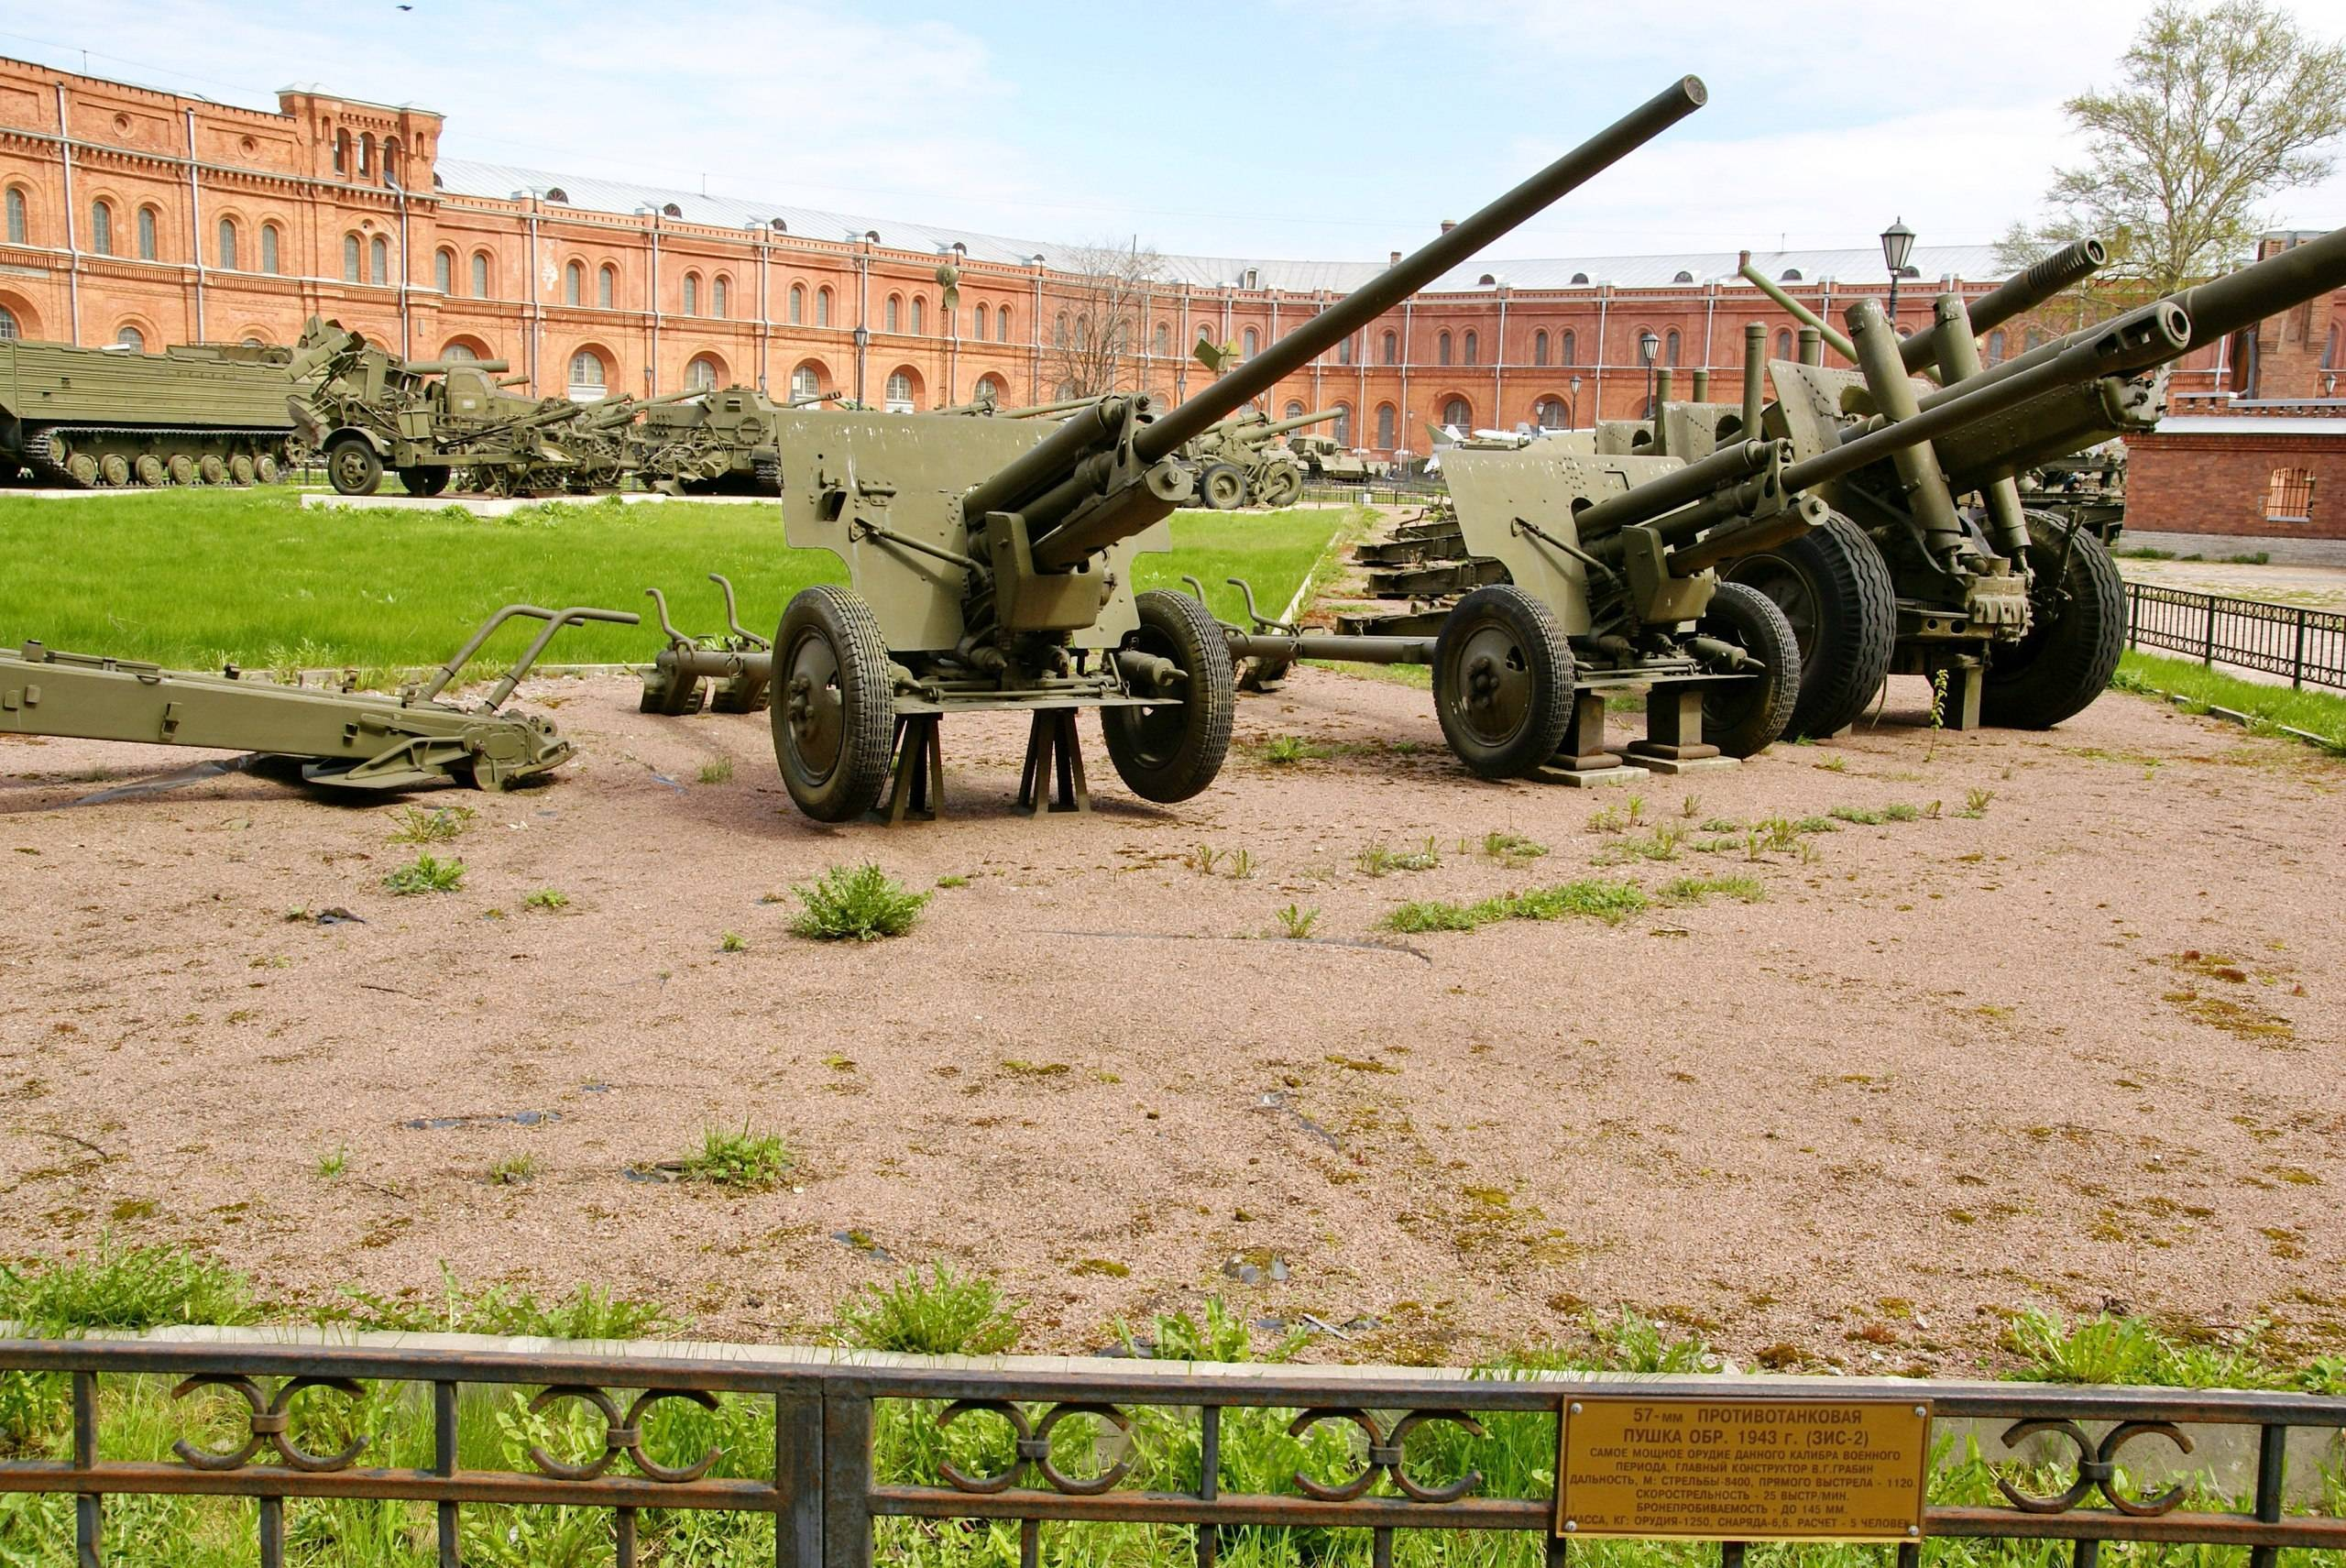 57 мм противотанковой пушки m1943 (зис-2) - 57 mm anti-tank gun m1943 (zis-2)